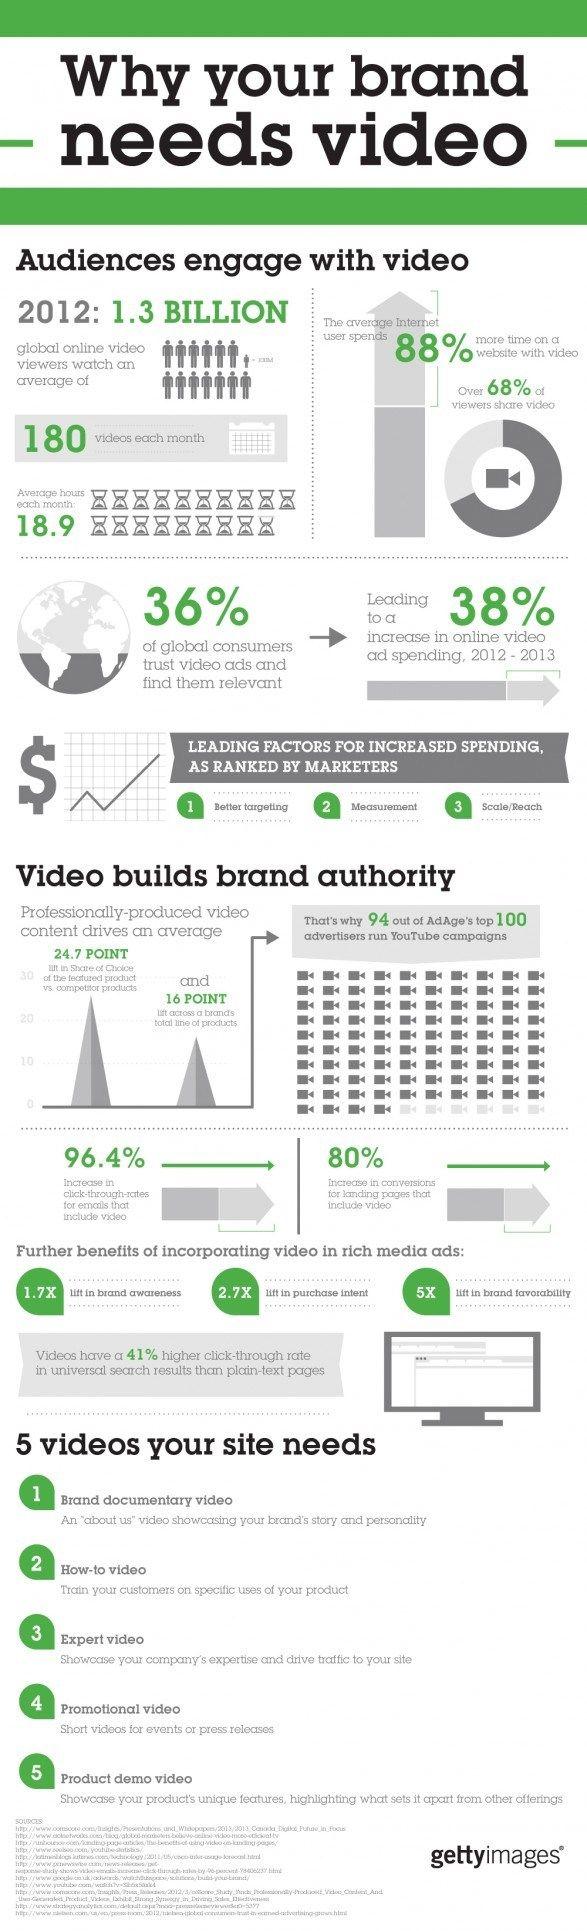 http://dingox.com Why your brand needs video? #infographic #marketing RefugeMarketing.com